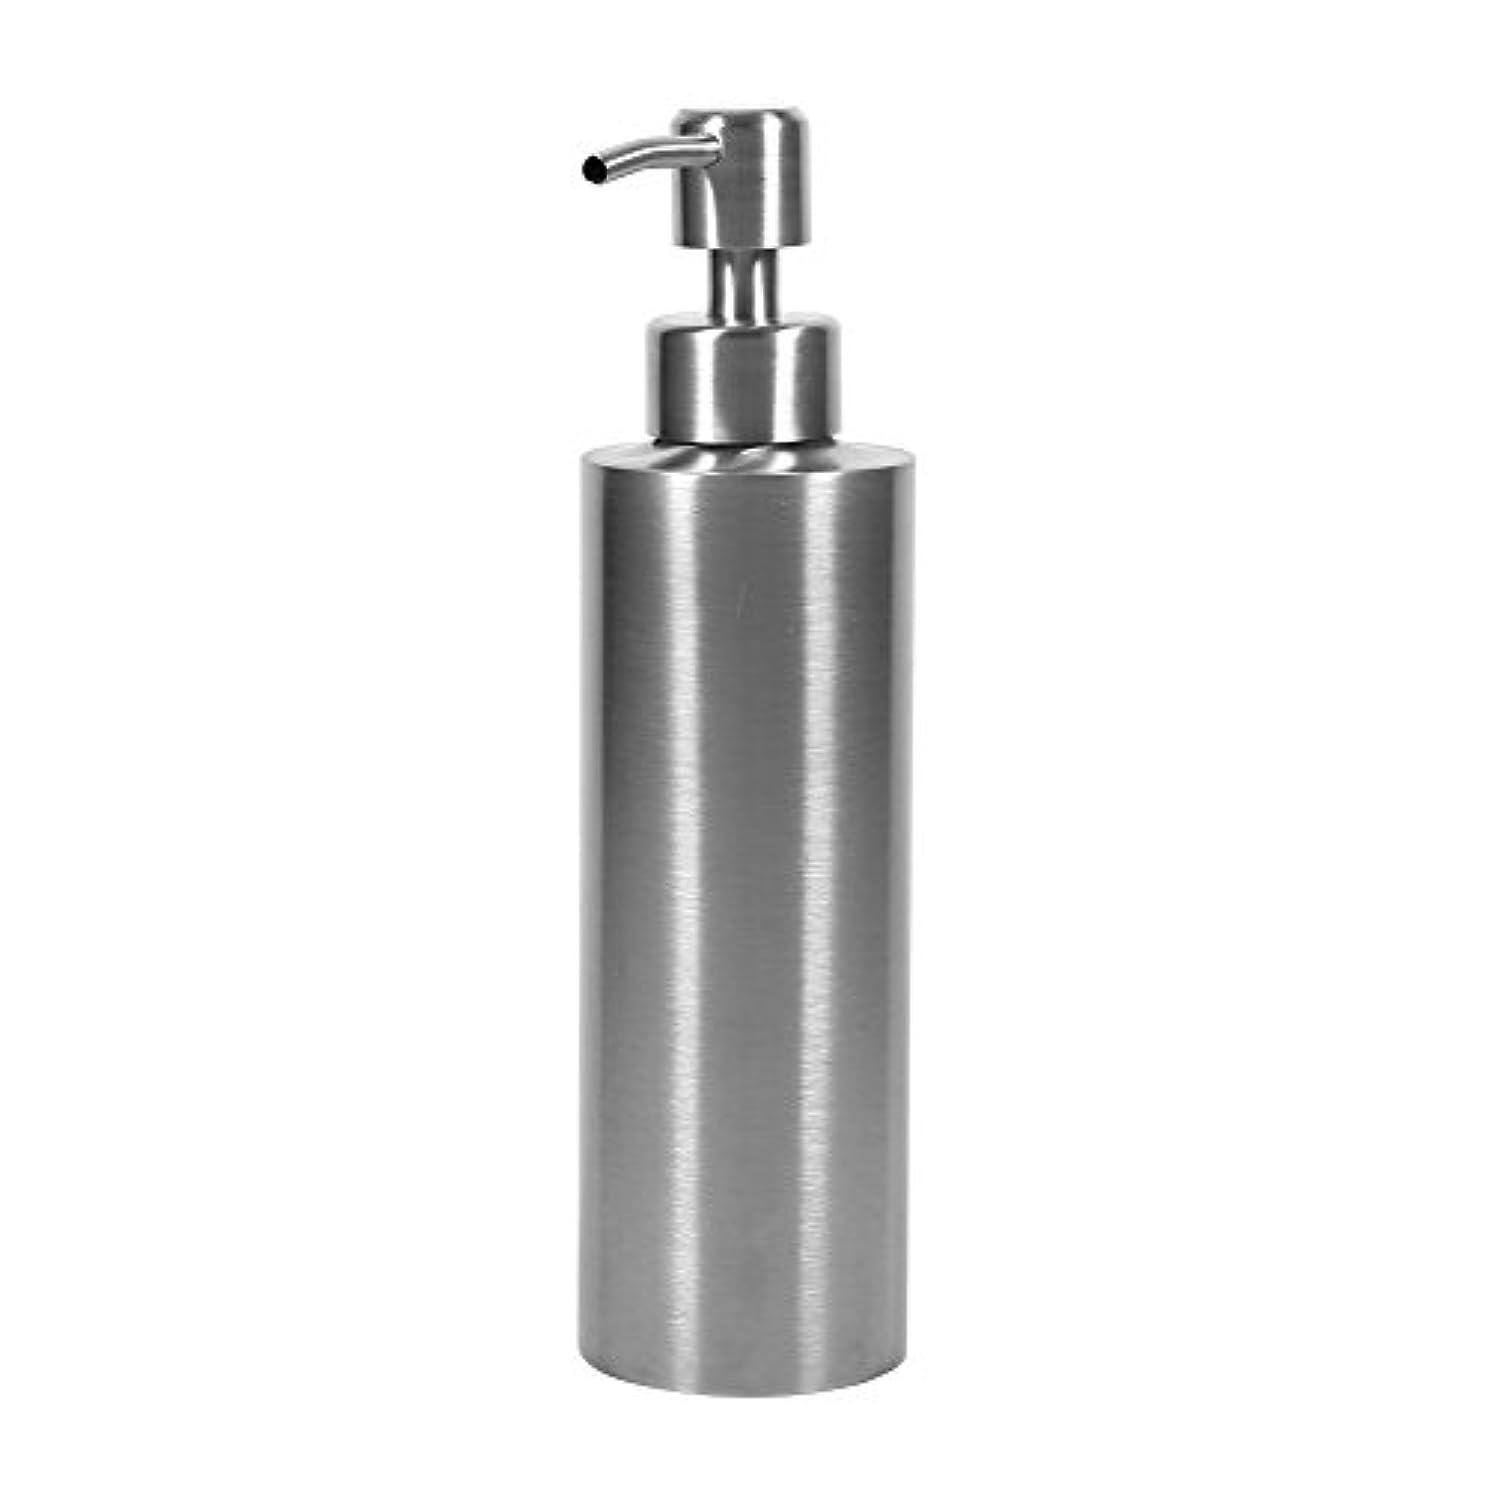 椅子期限州304 ステンレス鋼 シンクソープディスペンサー シンク ソープ シャンプー用ディスペンサー 350ml 石鹸液 ハンドソープ 洗剤 メタル ボトル ポンプ付き キッチン、トイレに適用